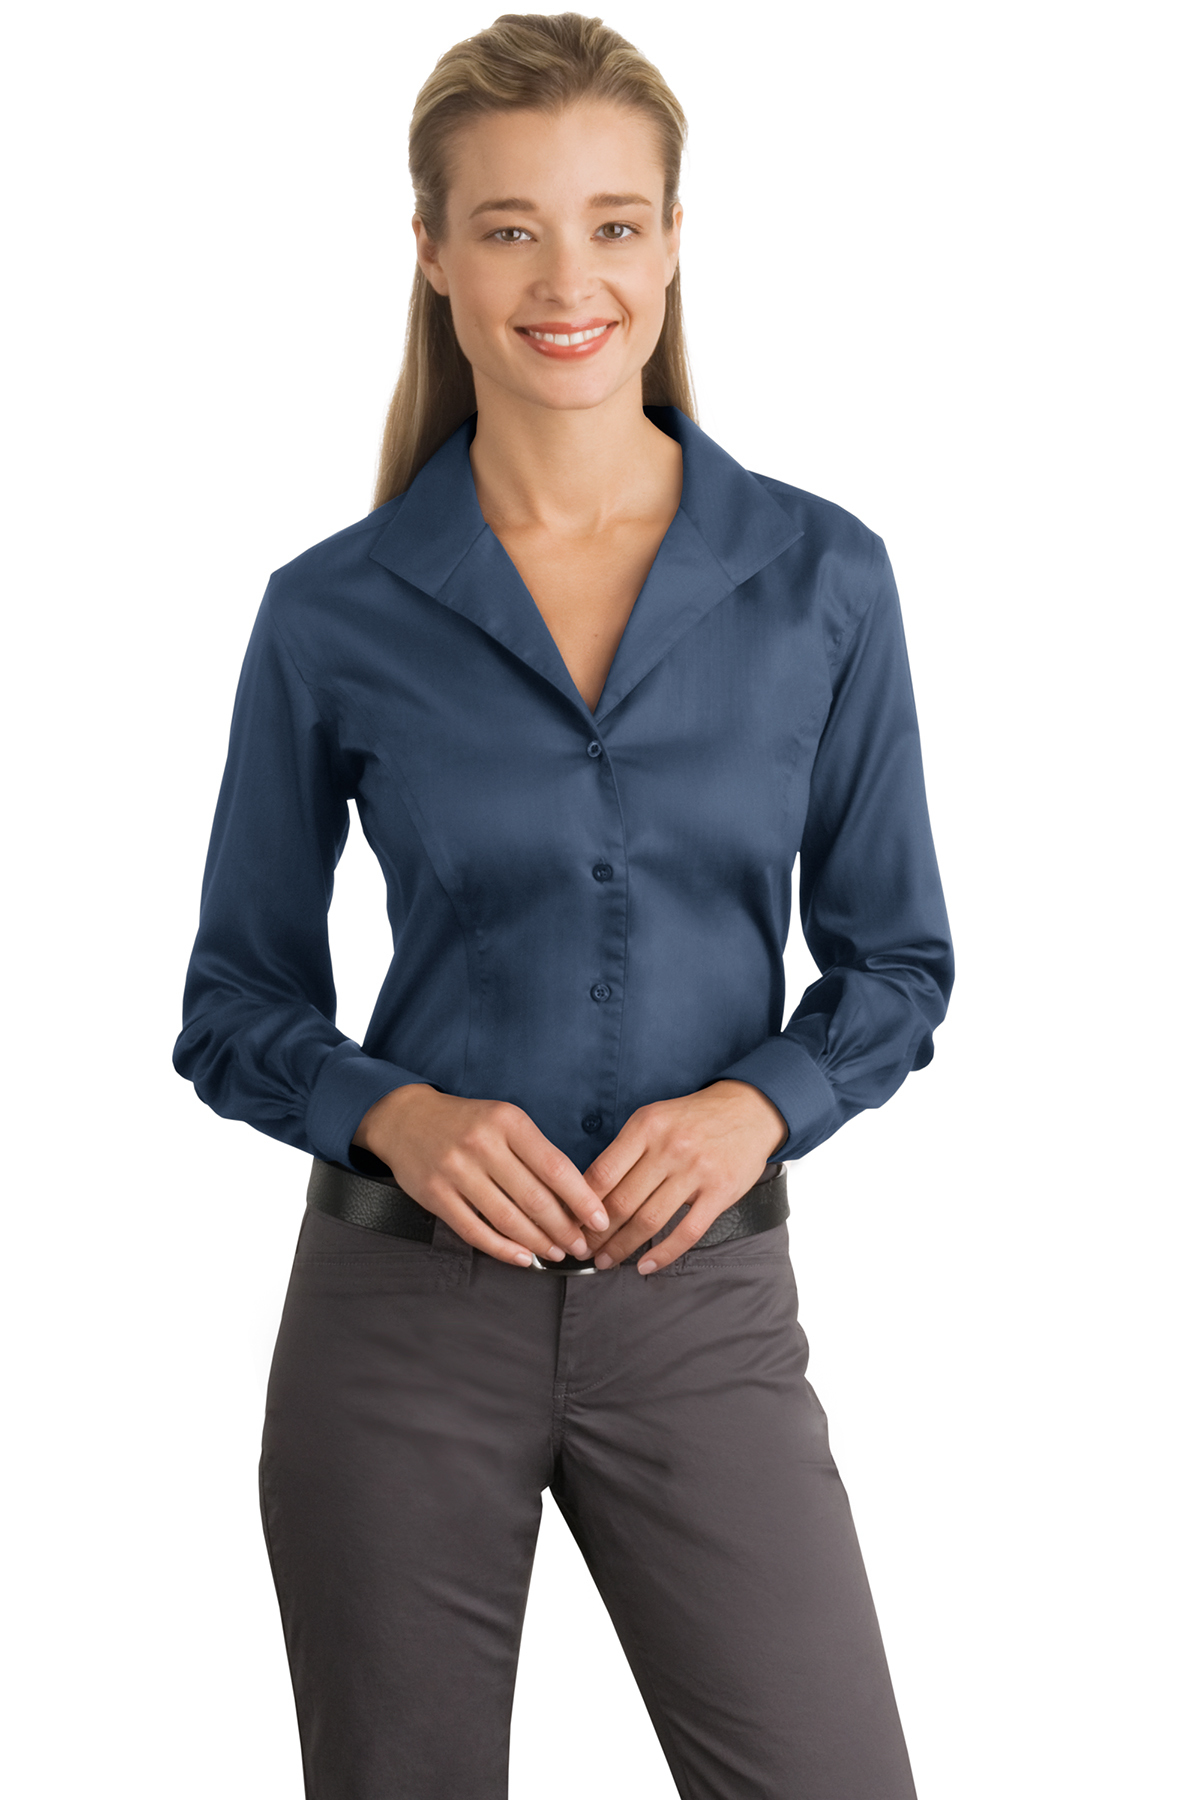 b92a8b17 CLOSEOUT Red House® - Ladies Herringbone Non-Iron Button-Down Shirt